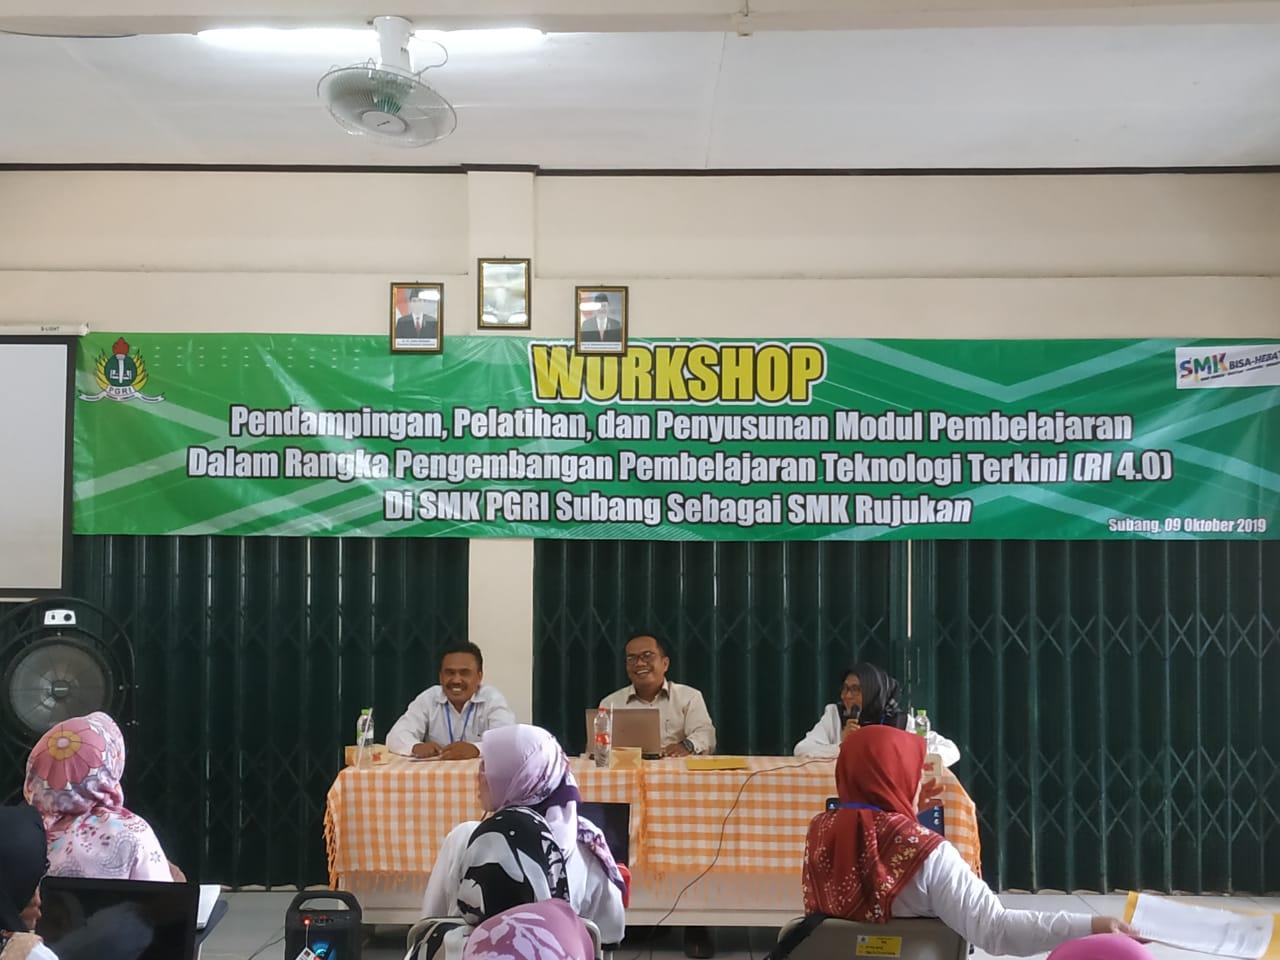 Workshop Pendampingan, Pelatihan, dan Penyusunan Modul Pembelajaran